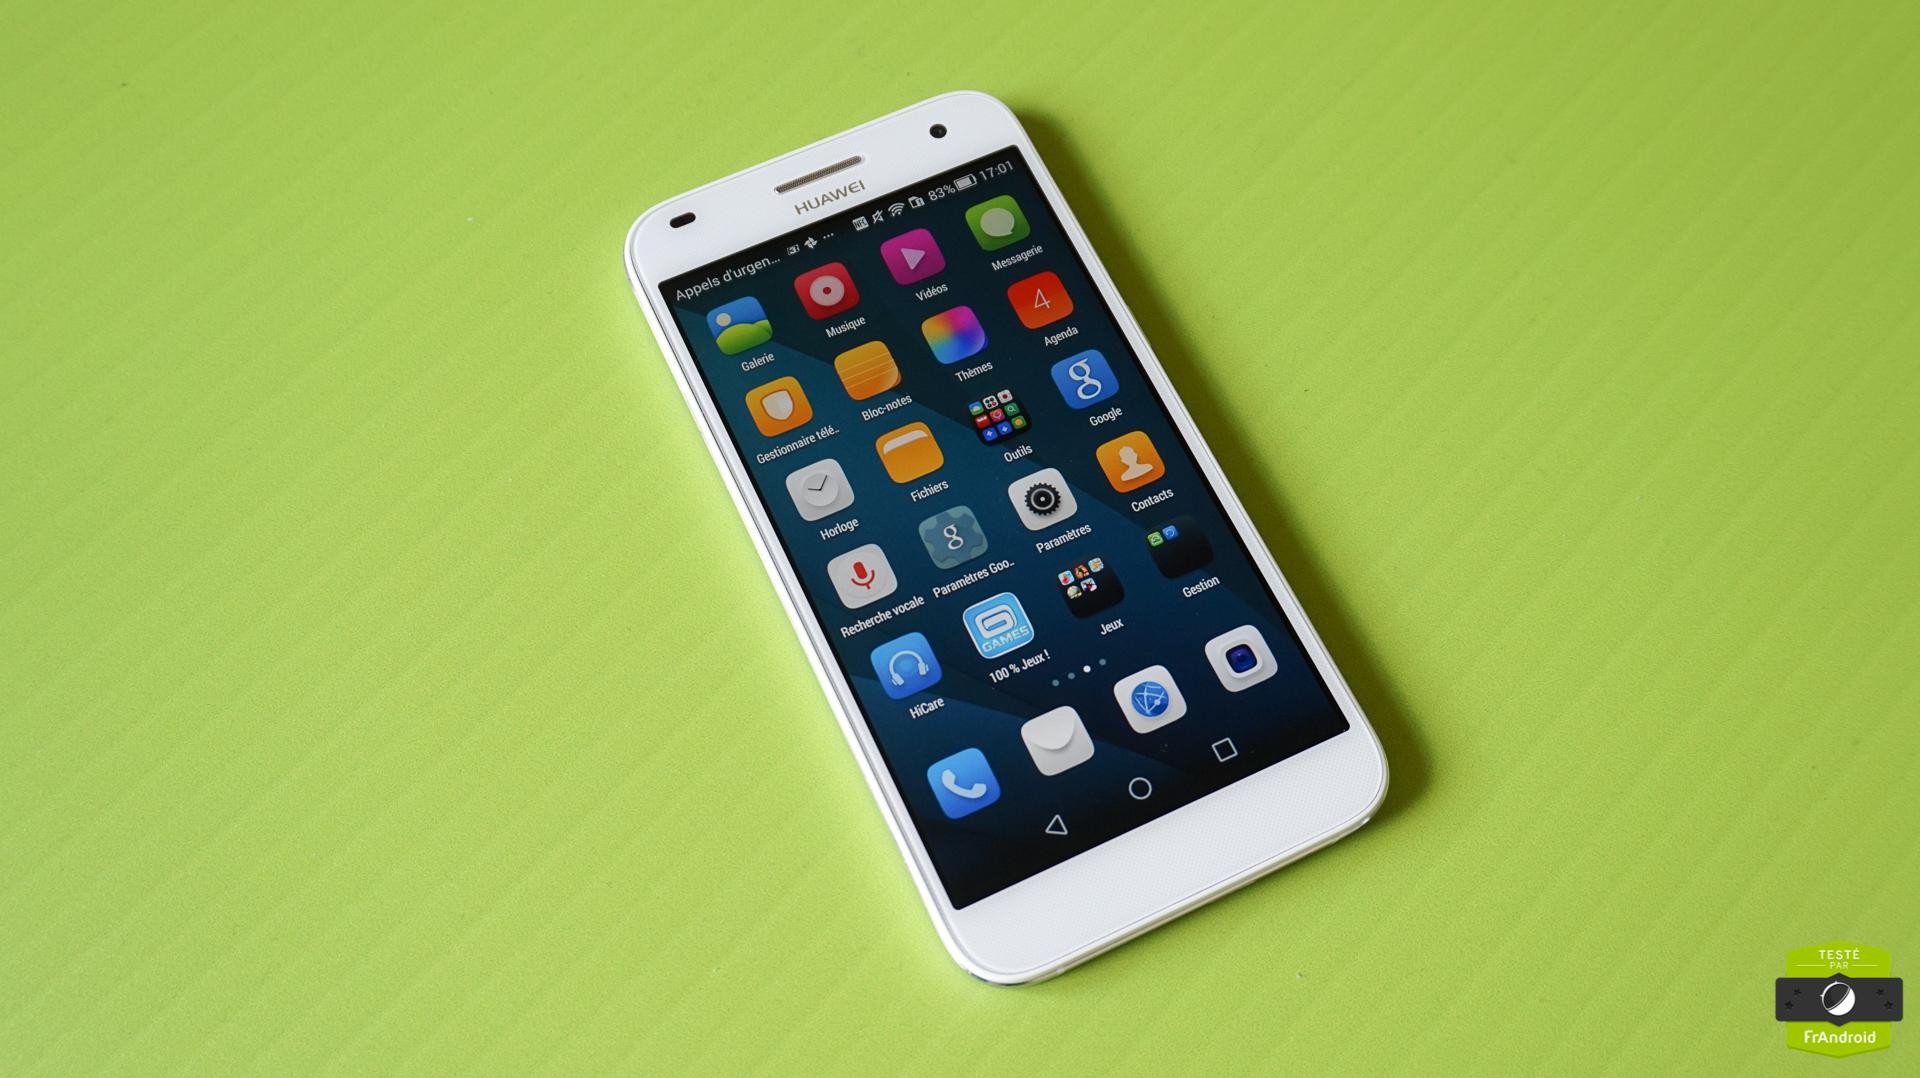 Test du Huawei Ascend G7, une phablette au bon rapport qualité-prix